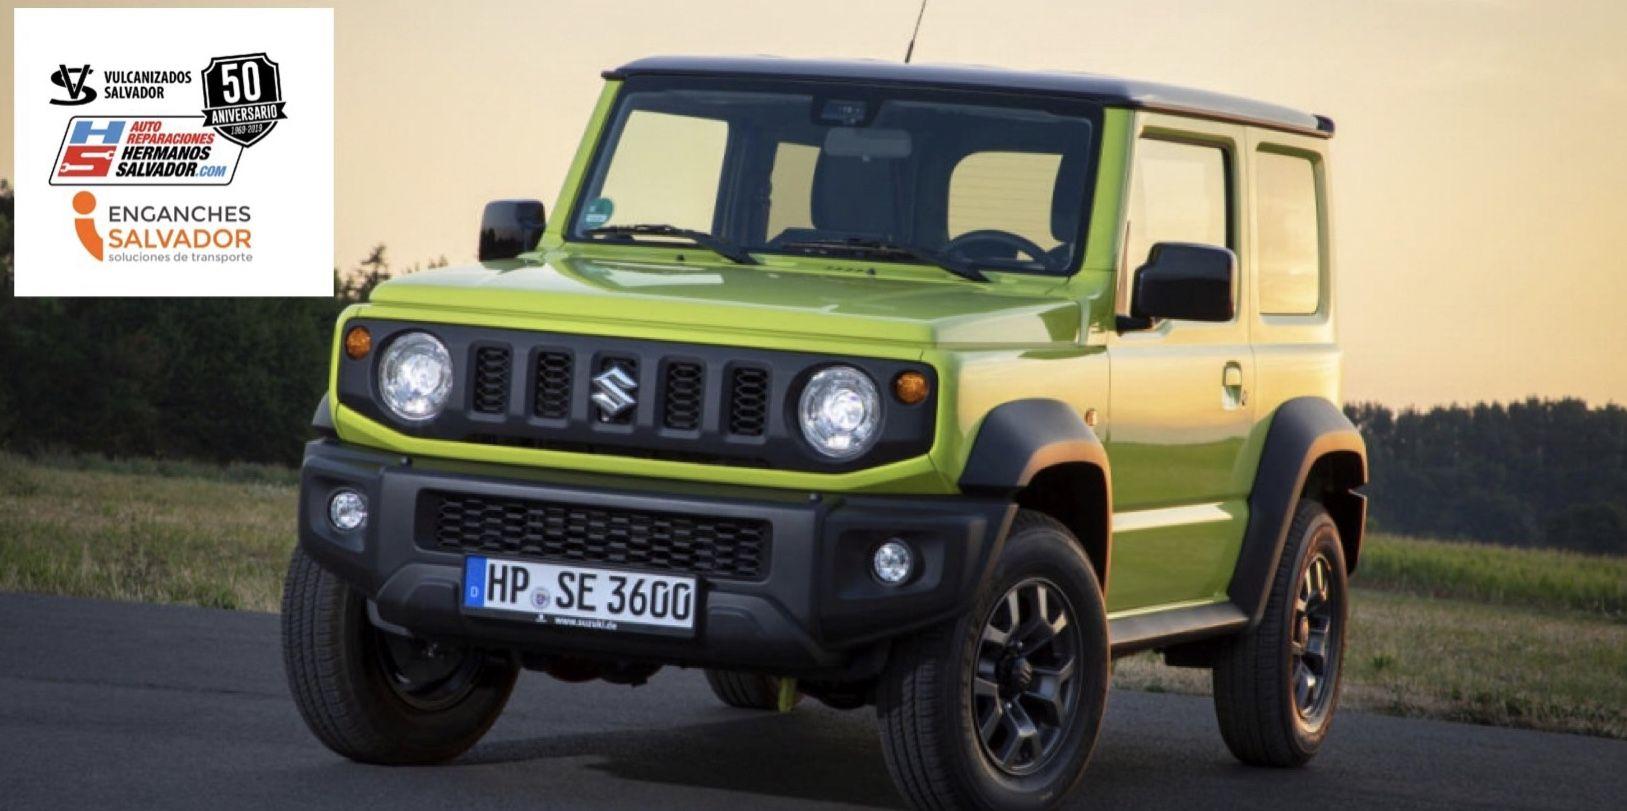 Nuevos enganches para Suzuki Jimny , enganches Salvador en Basauri Vizcaya